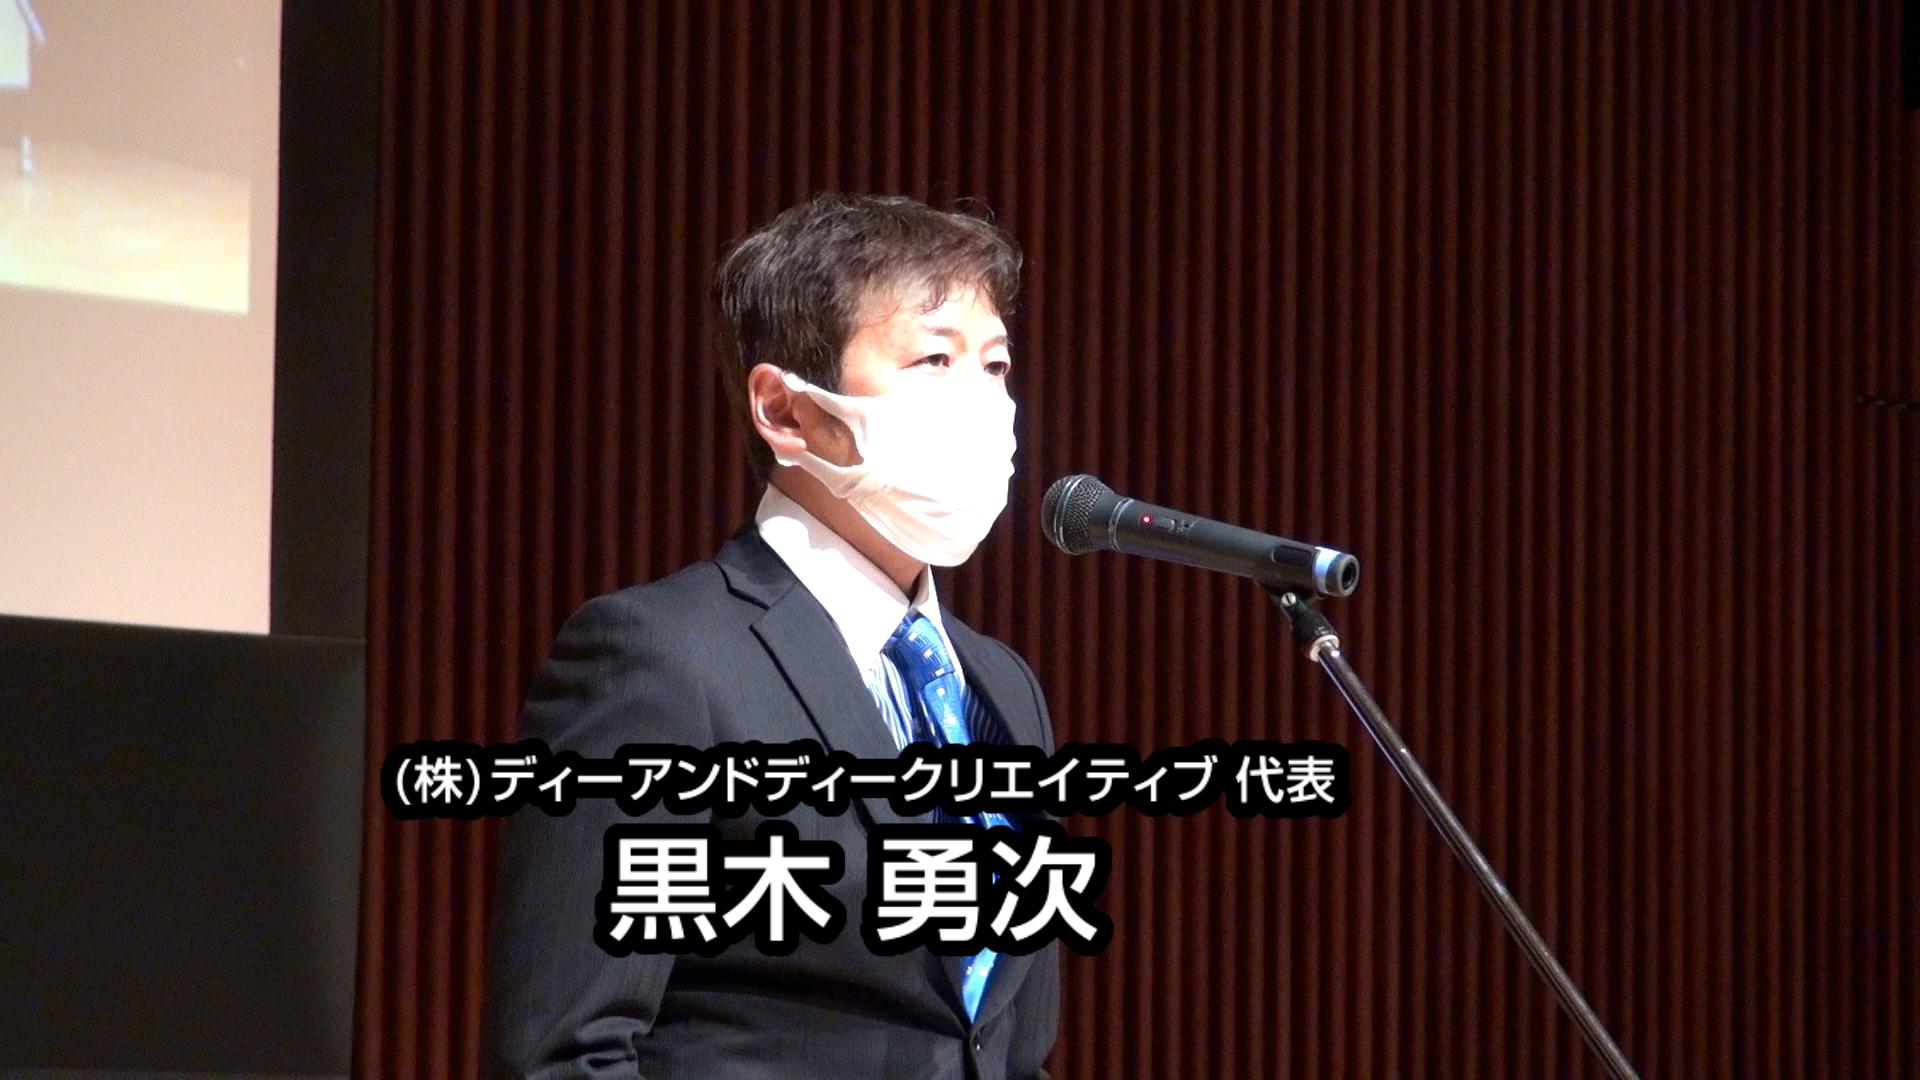 カットディーアンドディークリエイティブ 代表取締役 黒木勇次